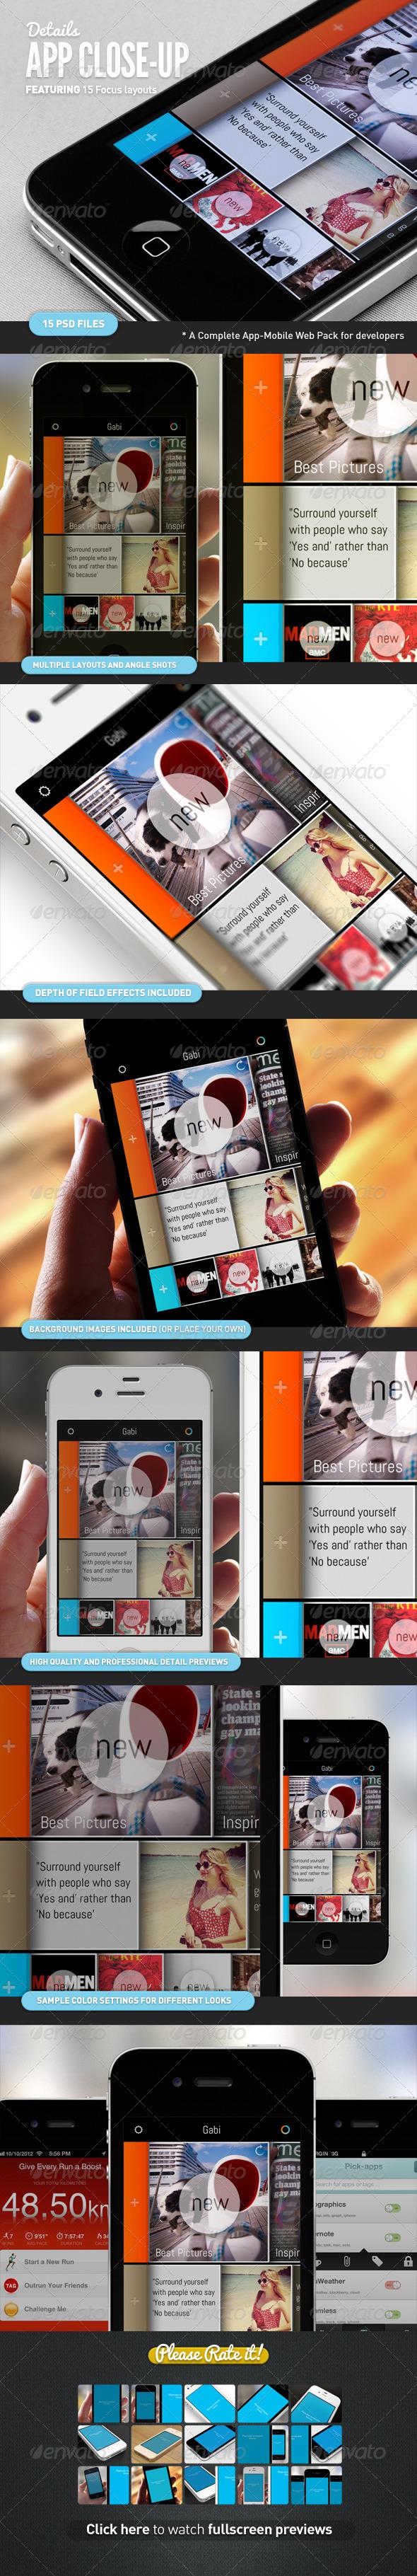 GraphicRiver App UI Close-Up Mock-Up 3296256